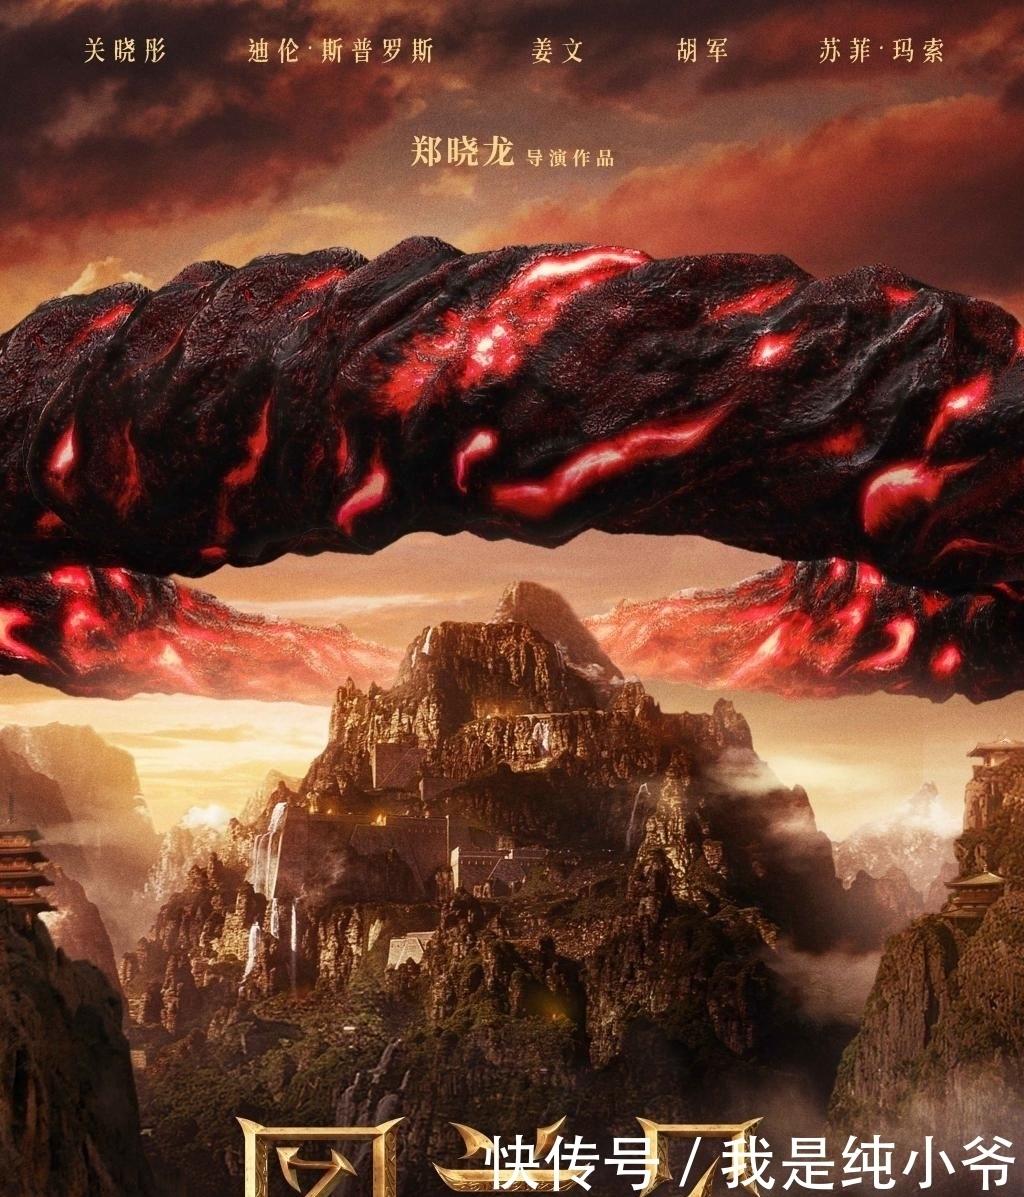 《图兰朵:魔咒缘起》电影百度云资源「HD1080p高清中字」